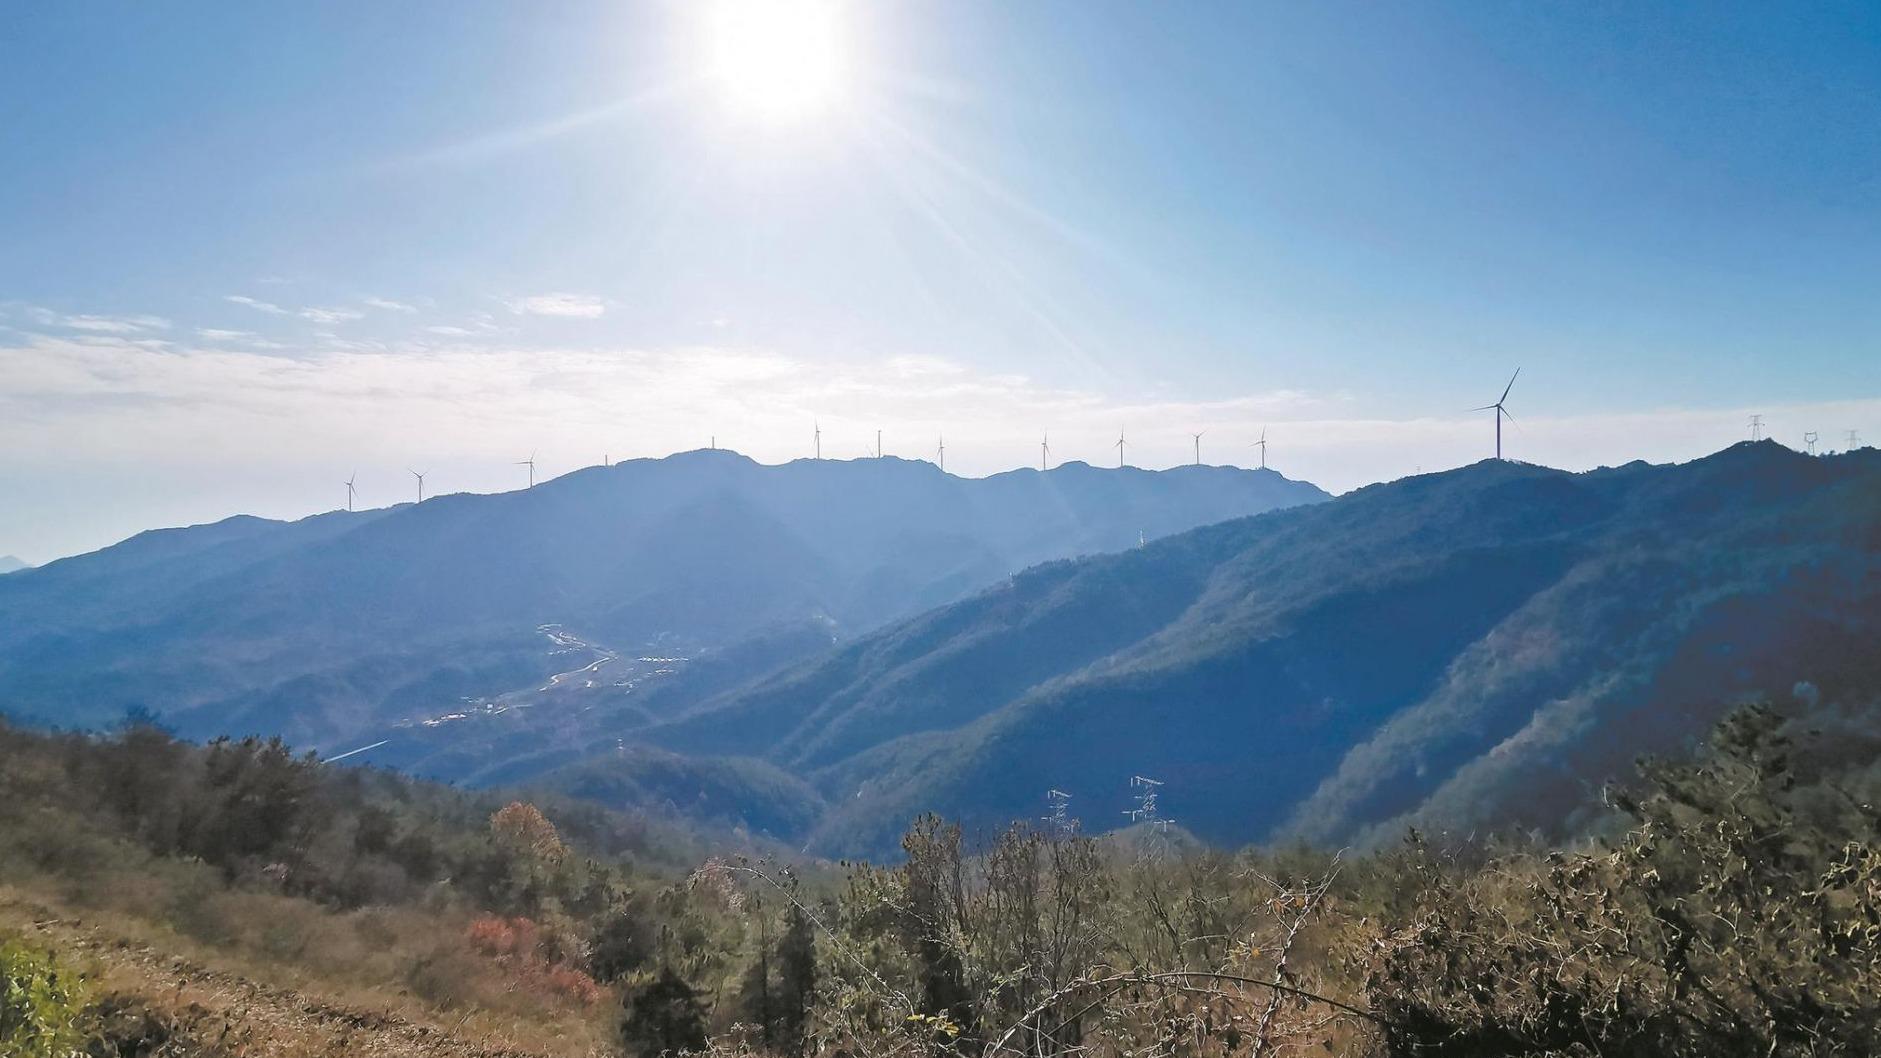 武汉刘家山风电场:傲立山巅 驭风而动